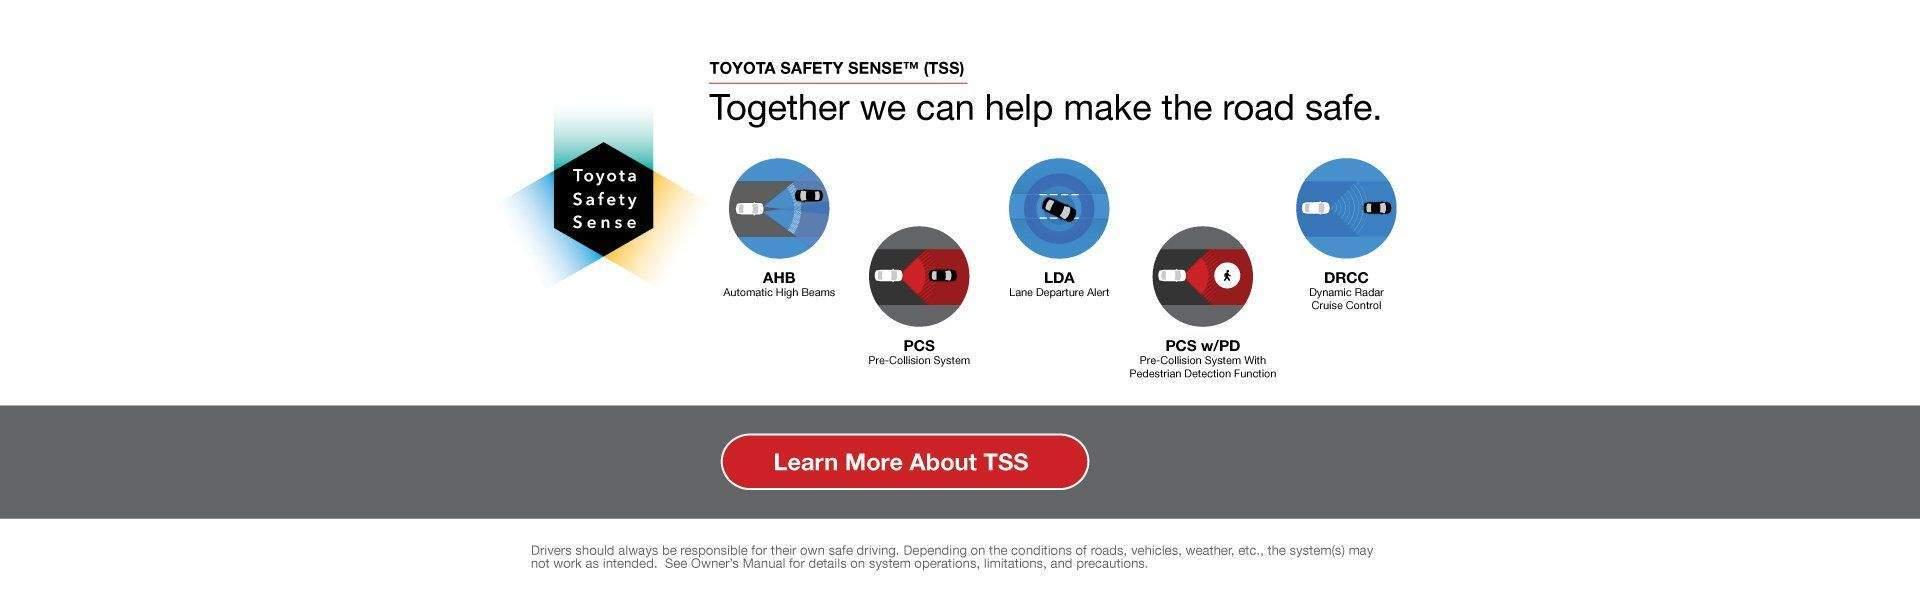 Nat tss toyota safety sense